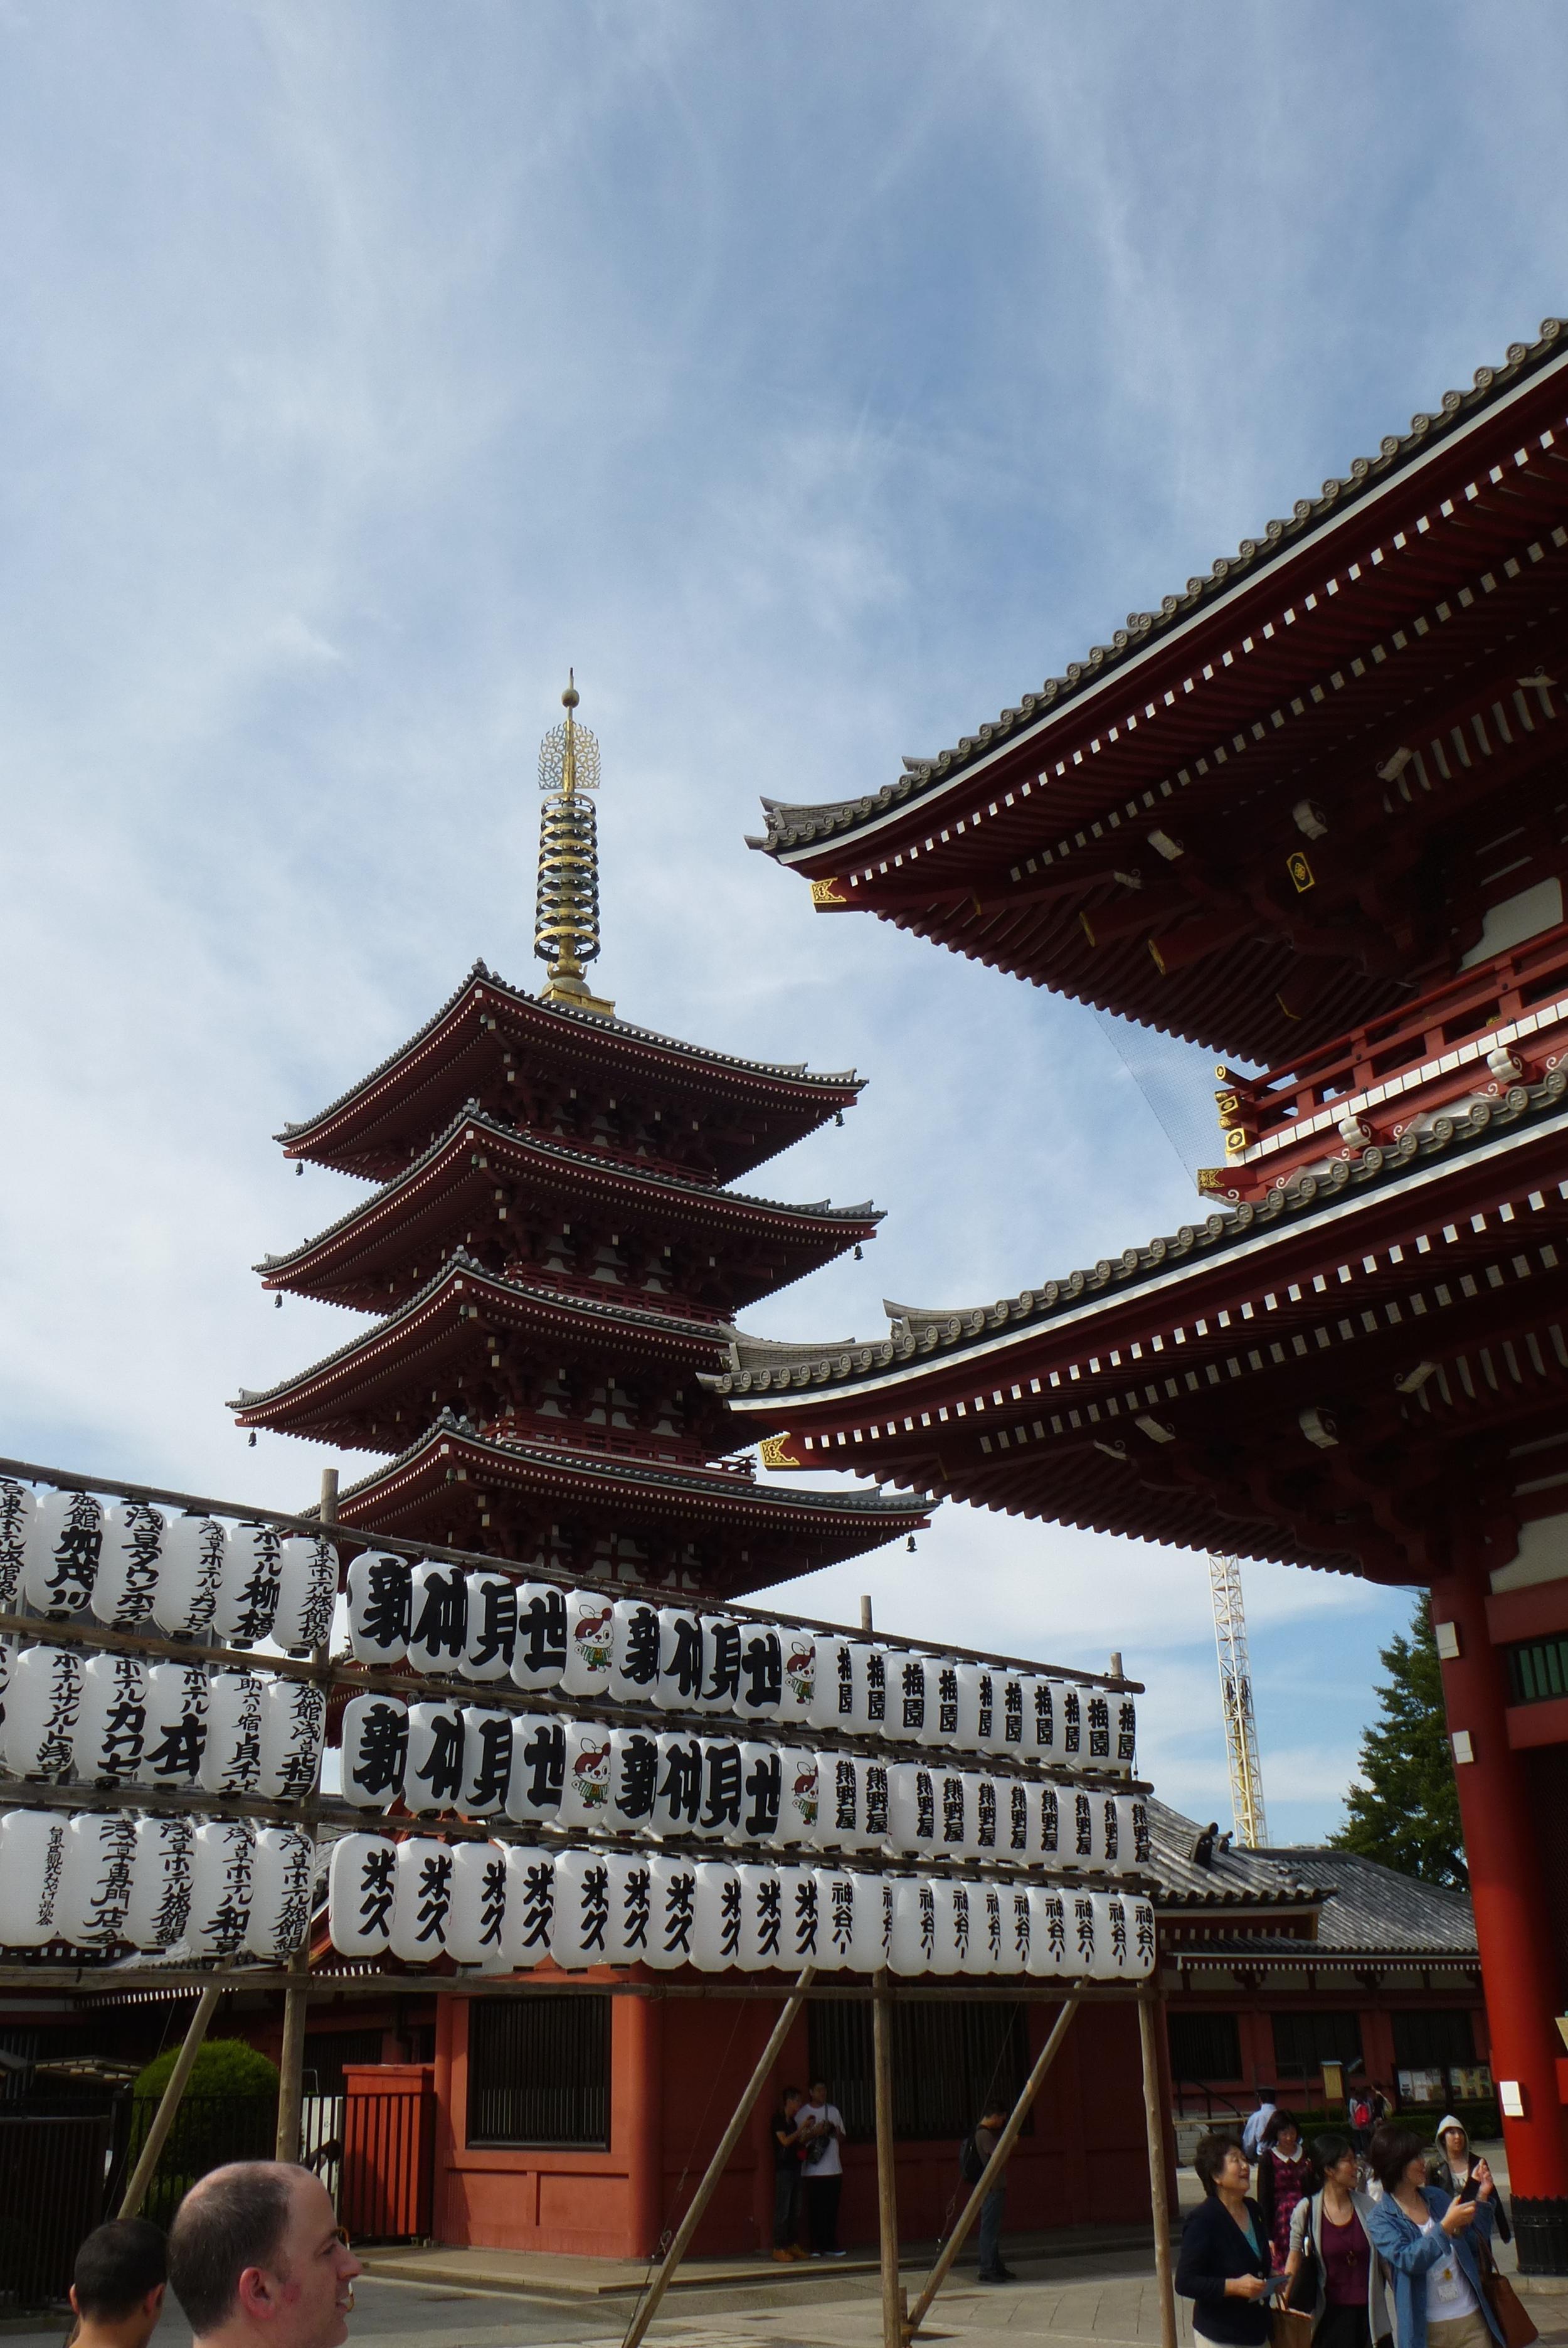 The pagoda at Asakusa